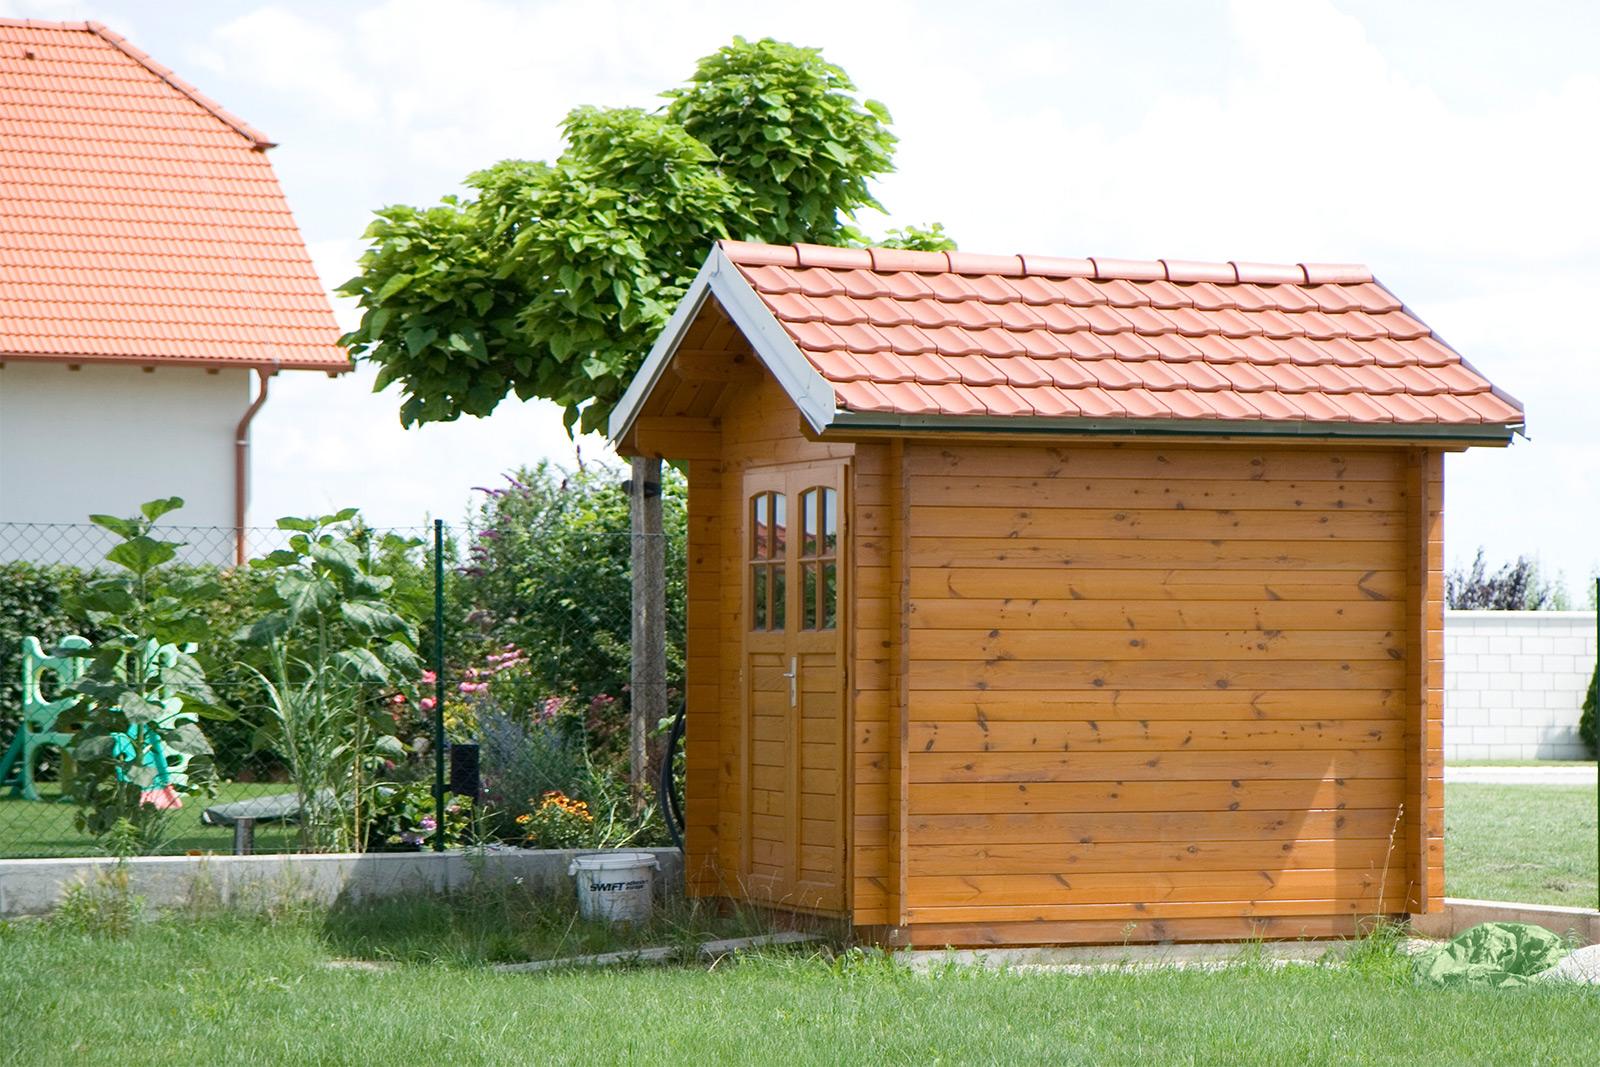 Polo Gartenhäuser zäune gartenhaus pöll komplett bedacht